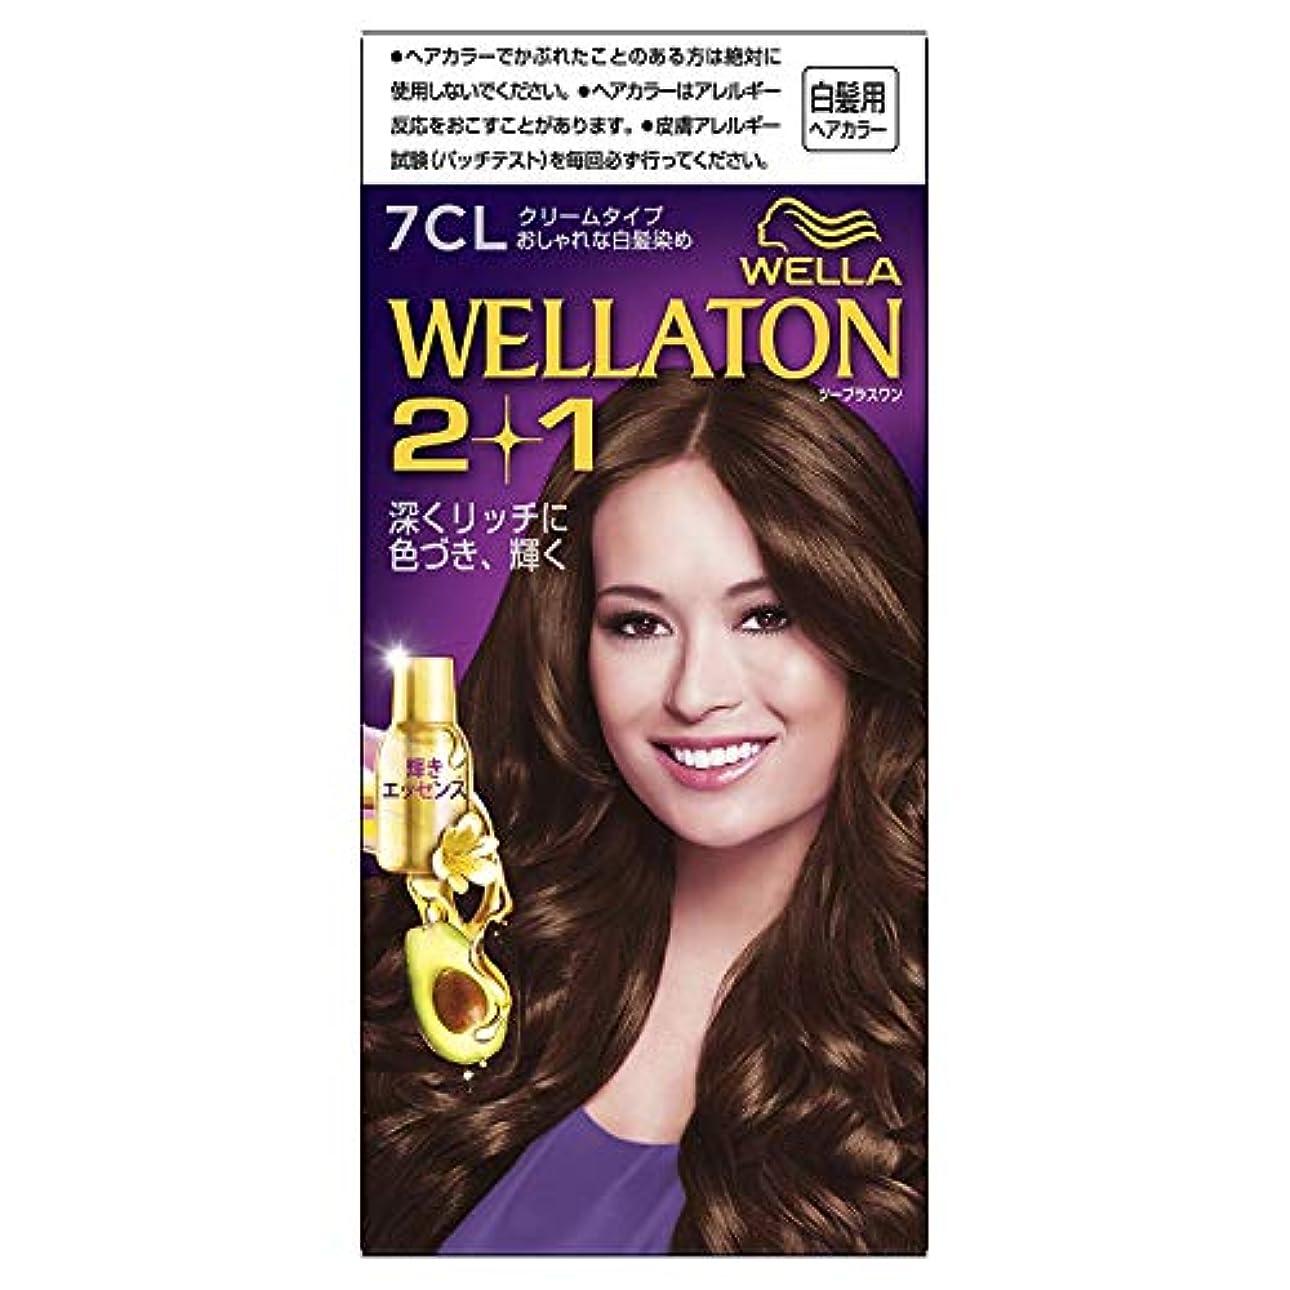 ウエラトーン2+1 白髪染め クリームタイプ 7CL [医薬部外品] ×6個